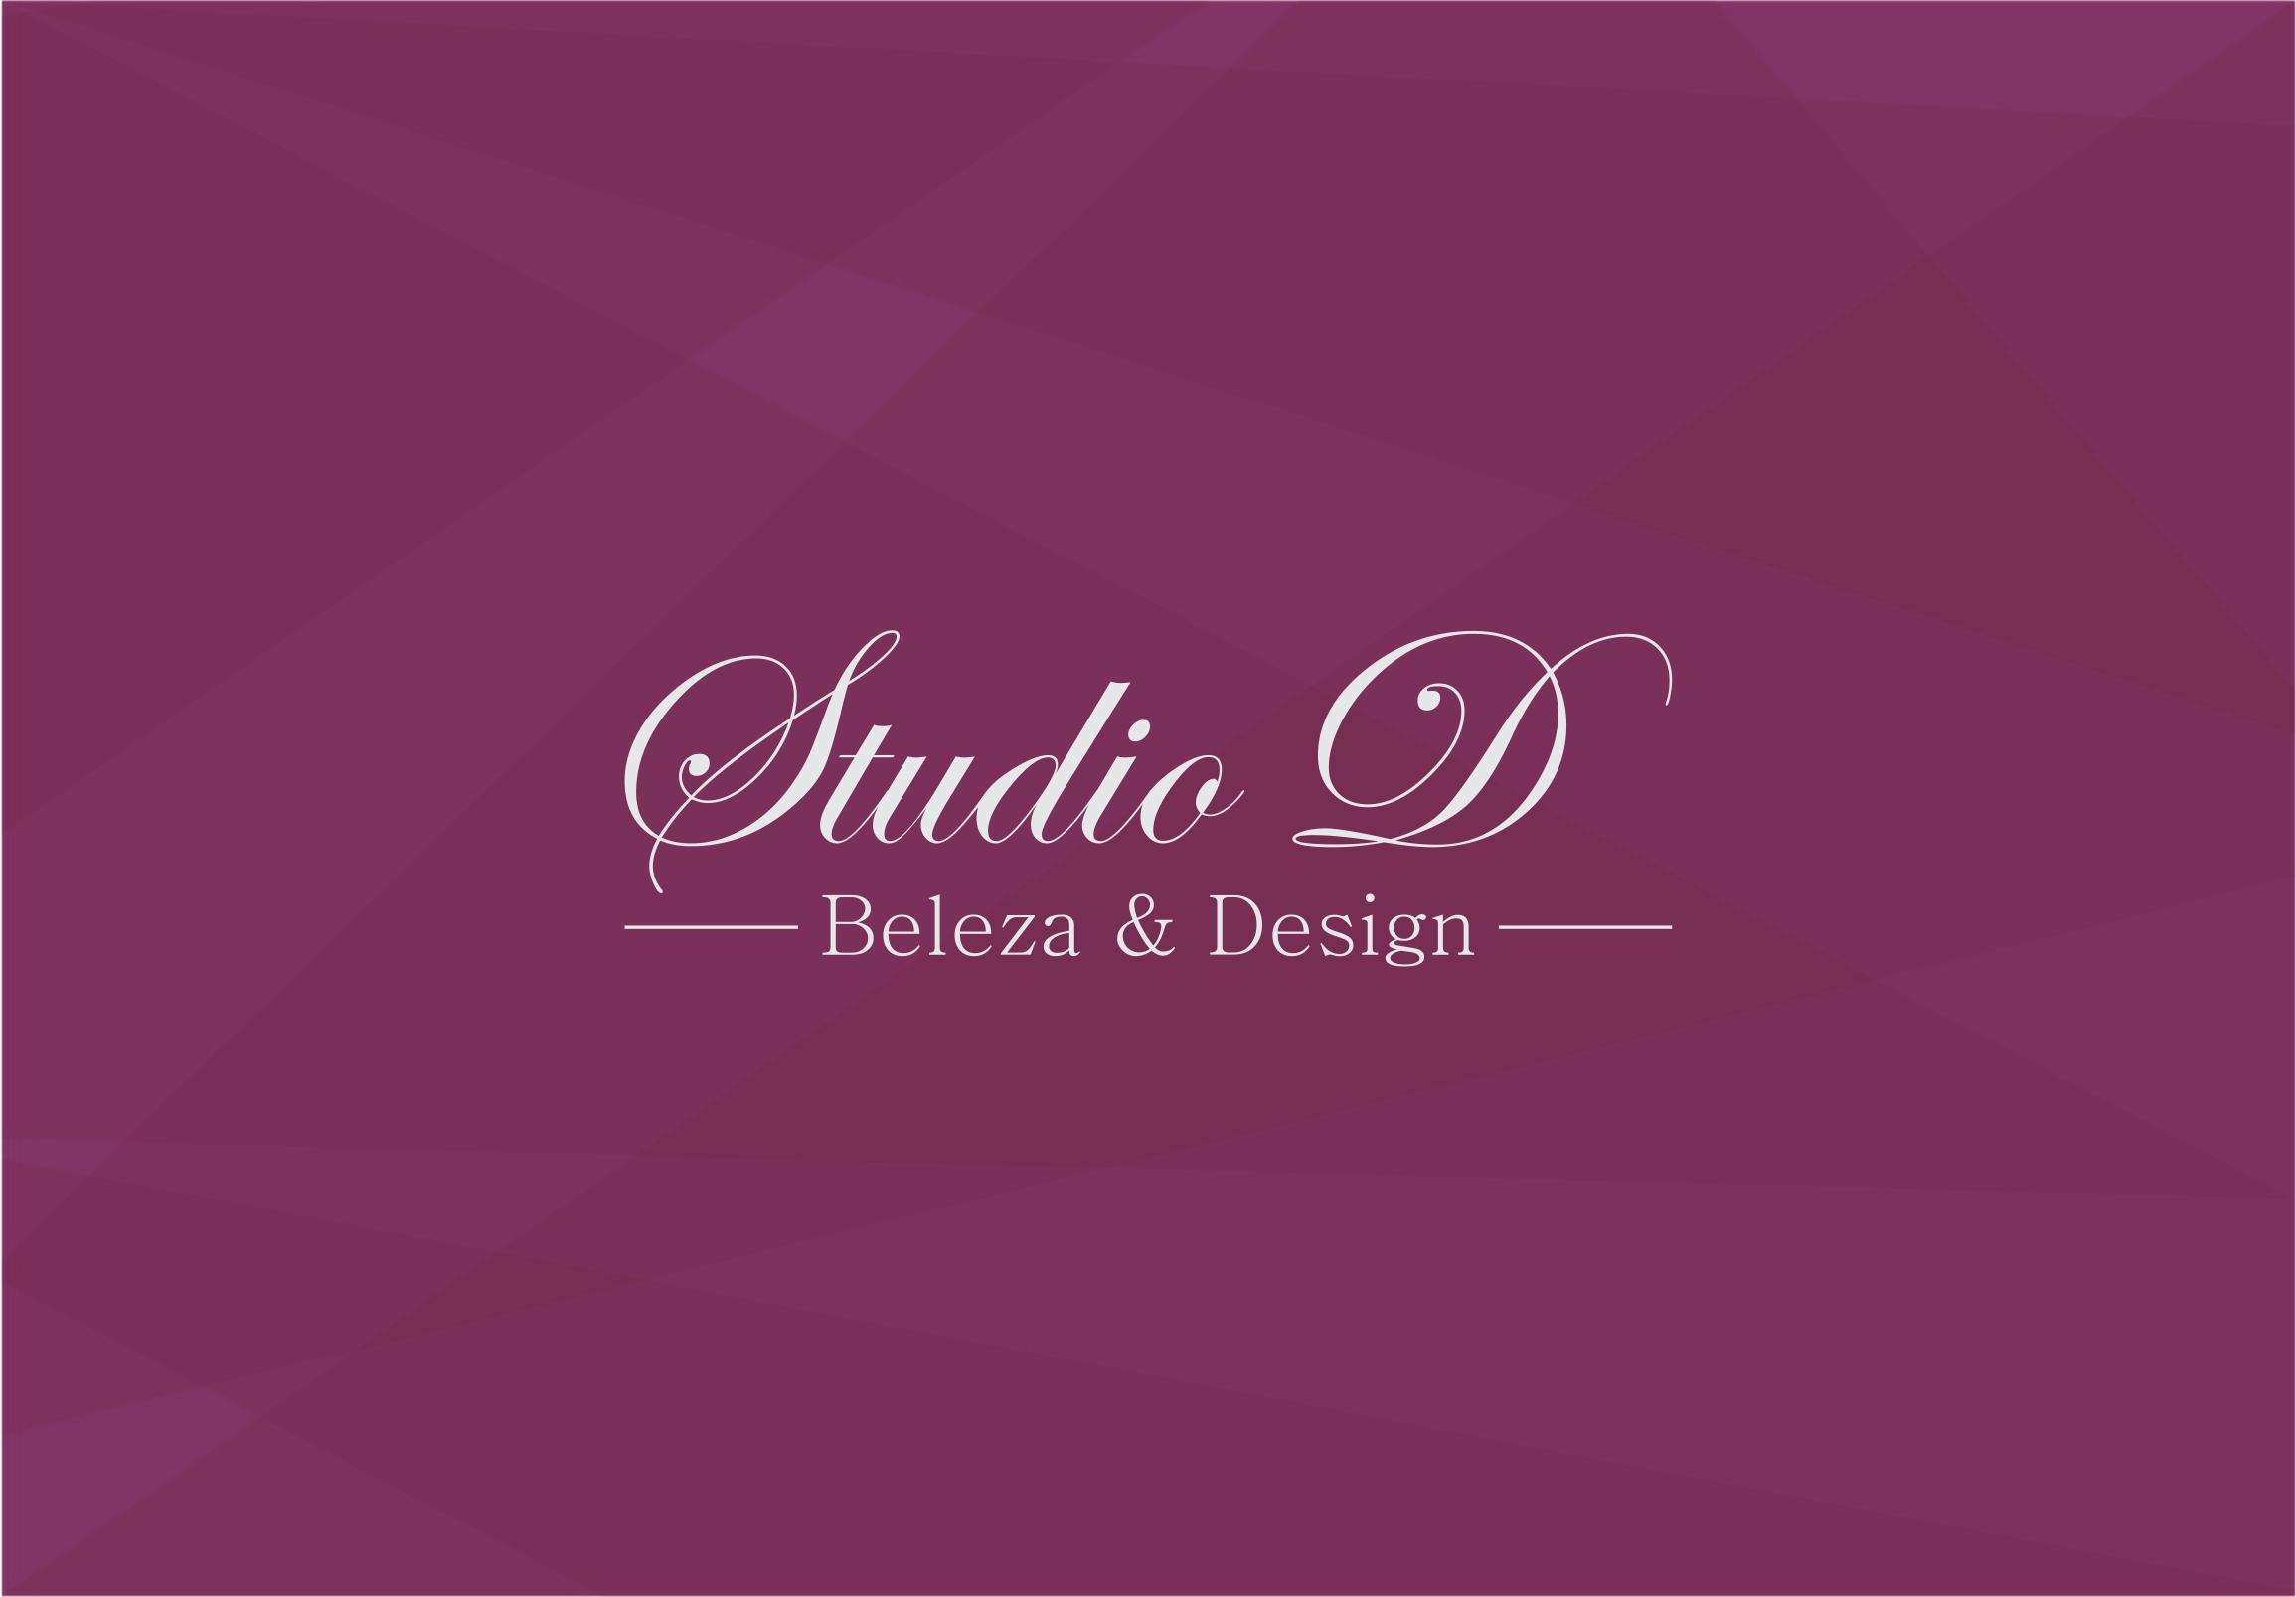 Cliente - Studio D